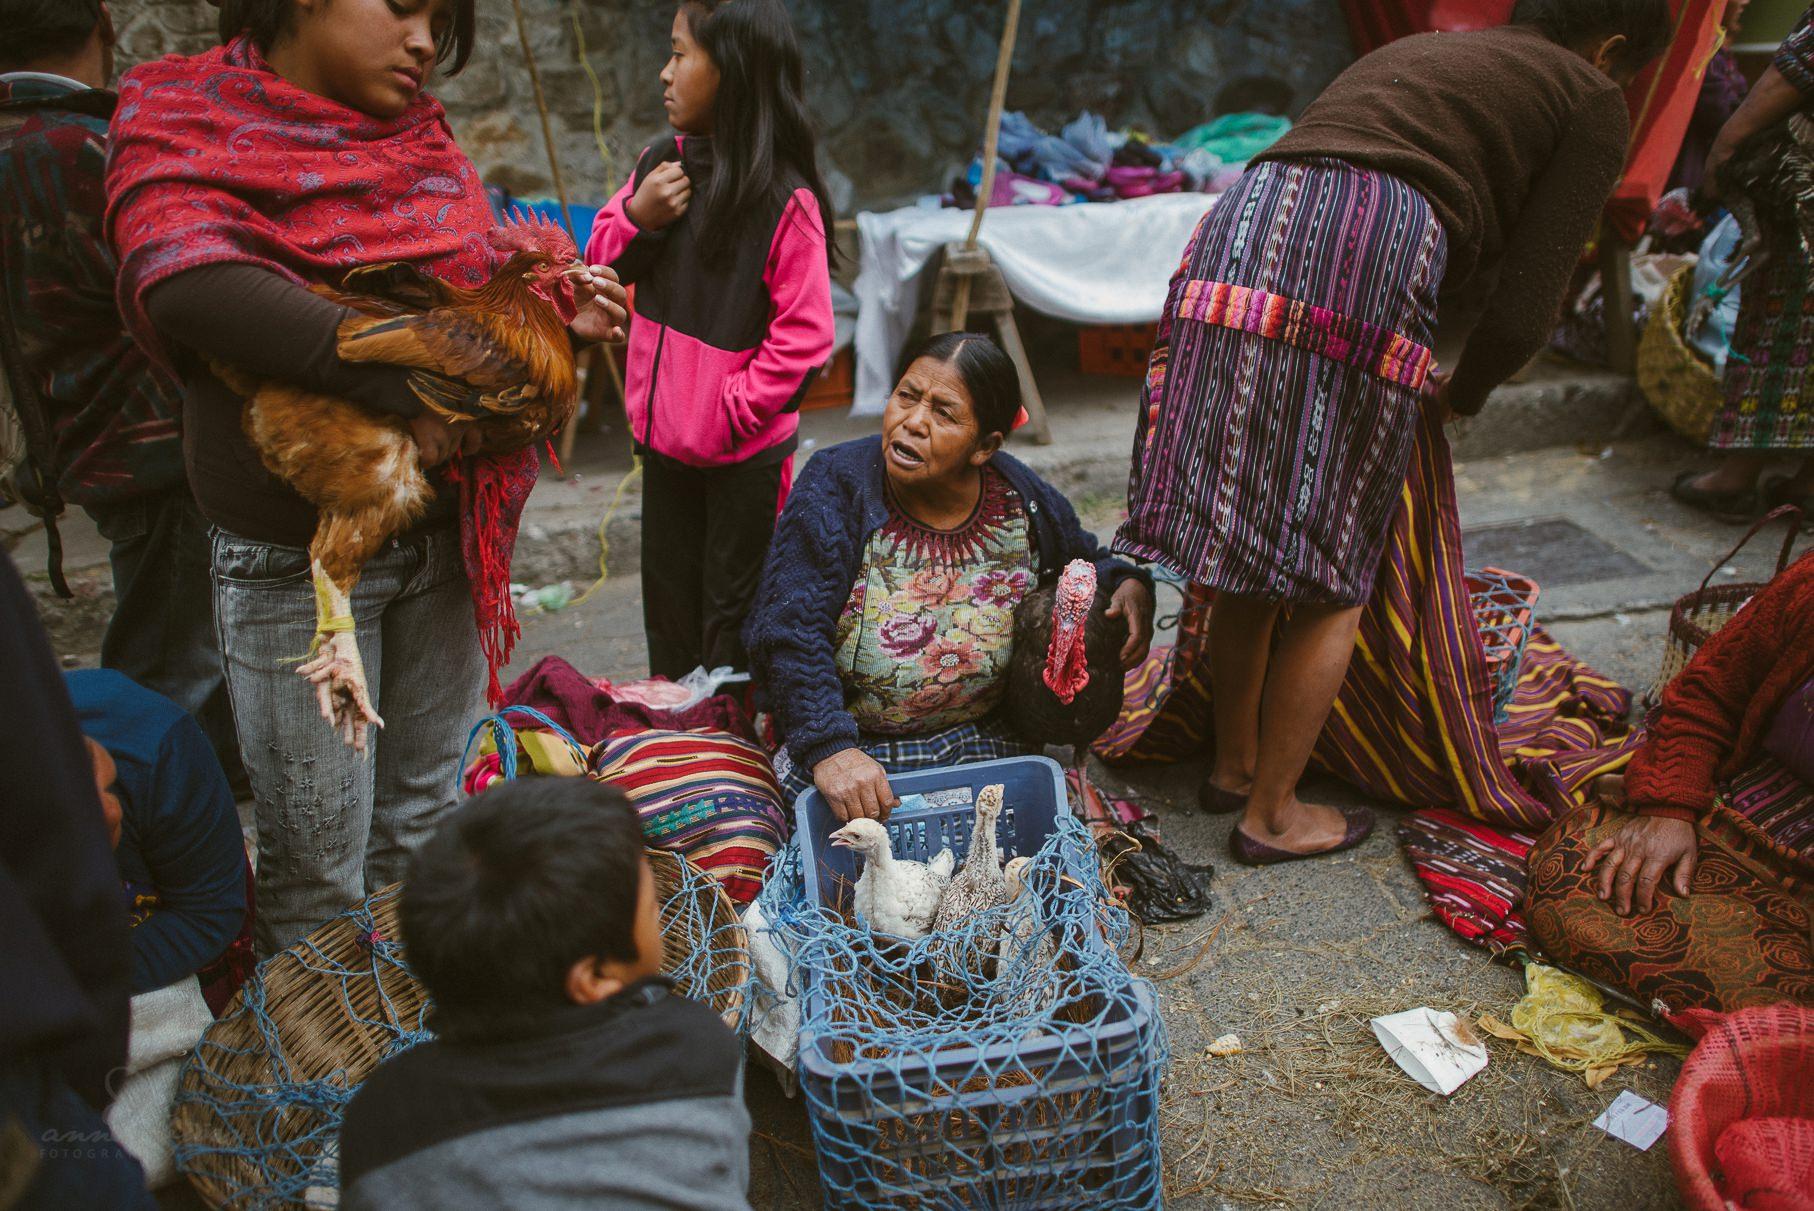 0138 anne und bjoern guatemala d75 2629 - 4 Wochen durch Guatemala - backpacking durch Mittelamerika